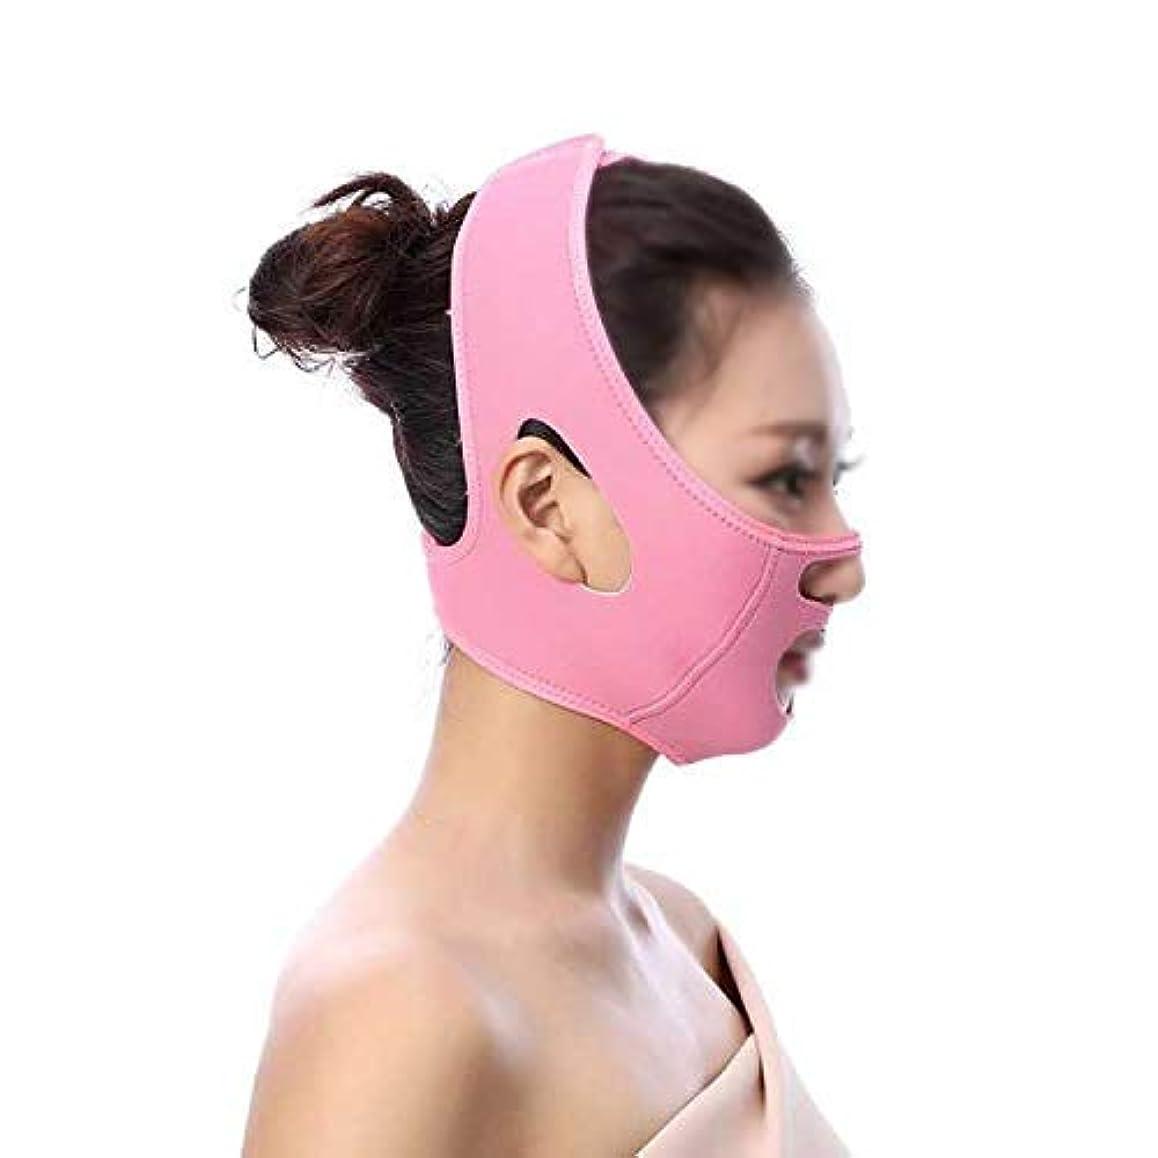 反映するベルベットミケランジェロ痩身ベルト、フェイスマスクvフェイスアーティファクトにあごを持ち上げるフェイスマスク睡眠薄いVフェイス包帯薄いフェイスステッカー